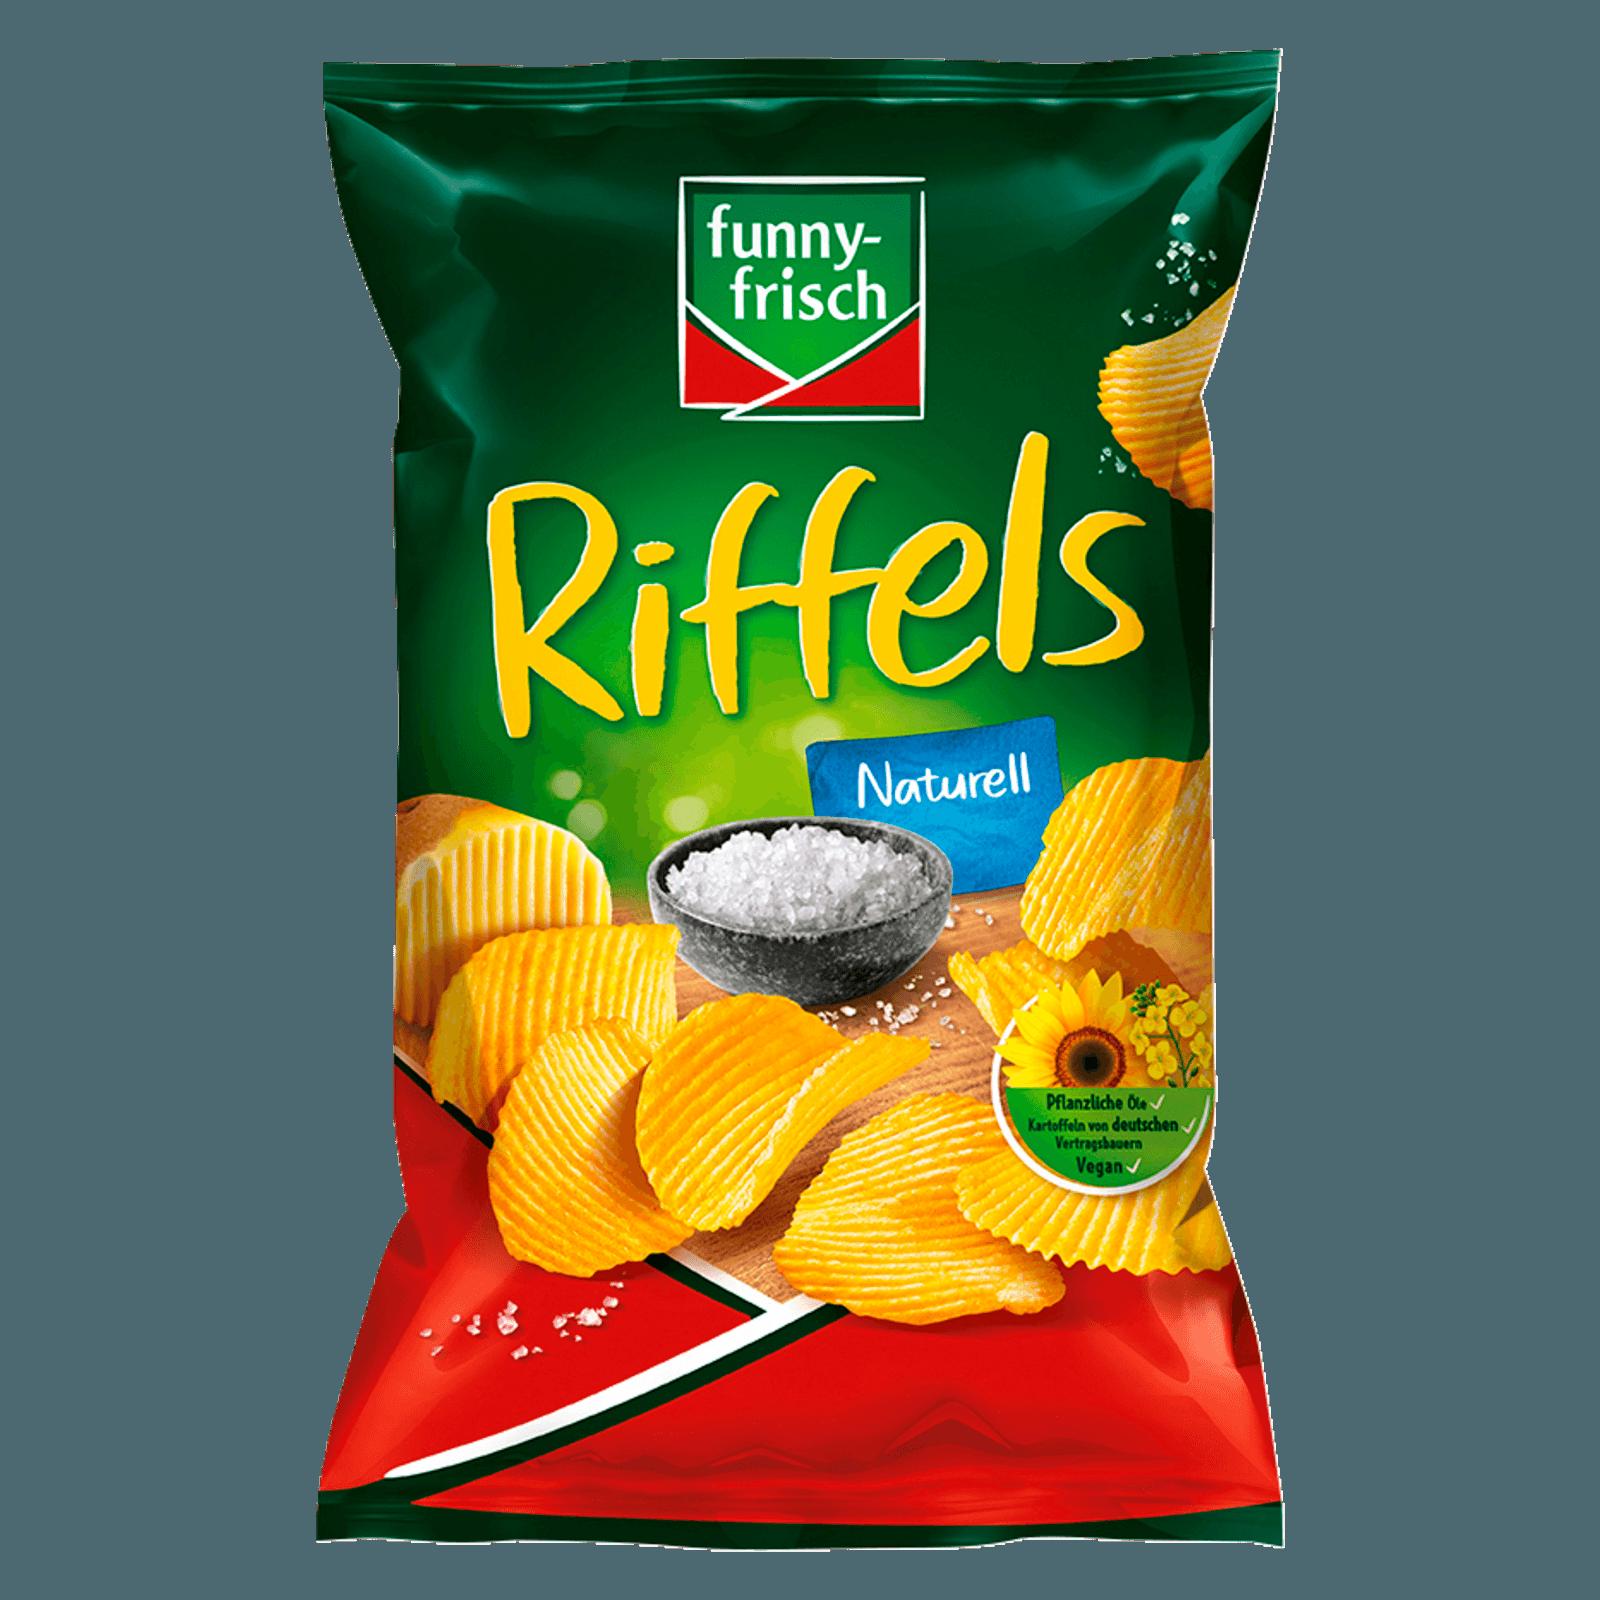 Funny-frisch Riffels Naturell 150g